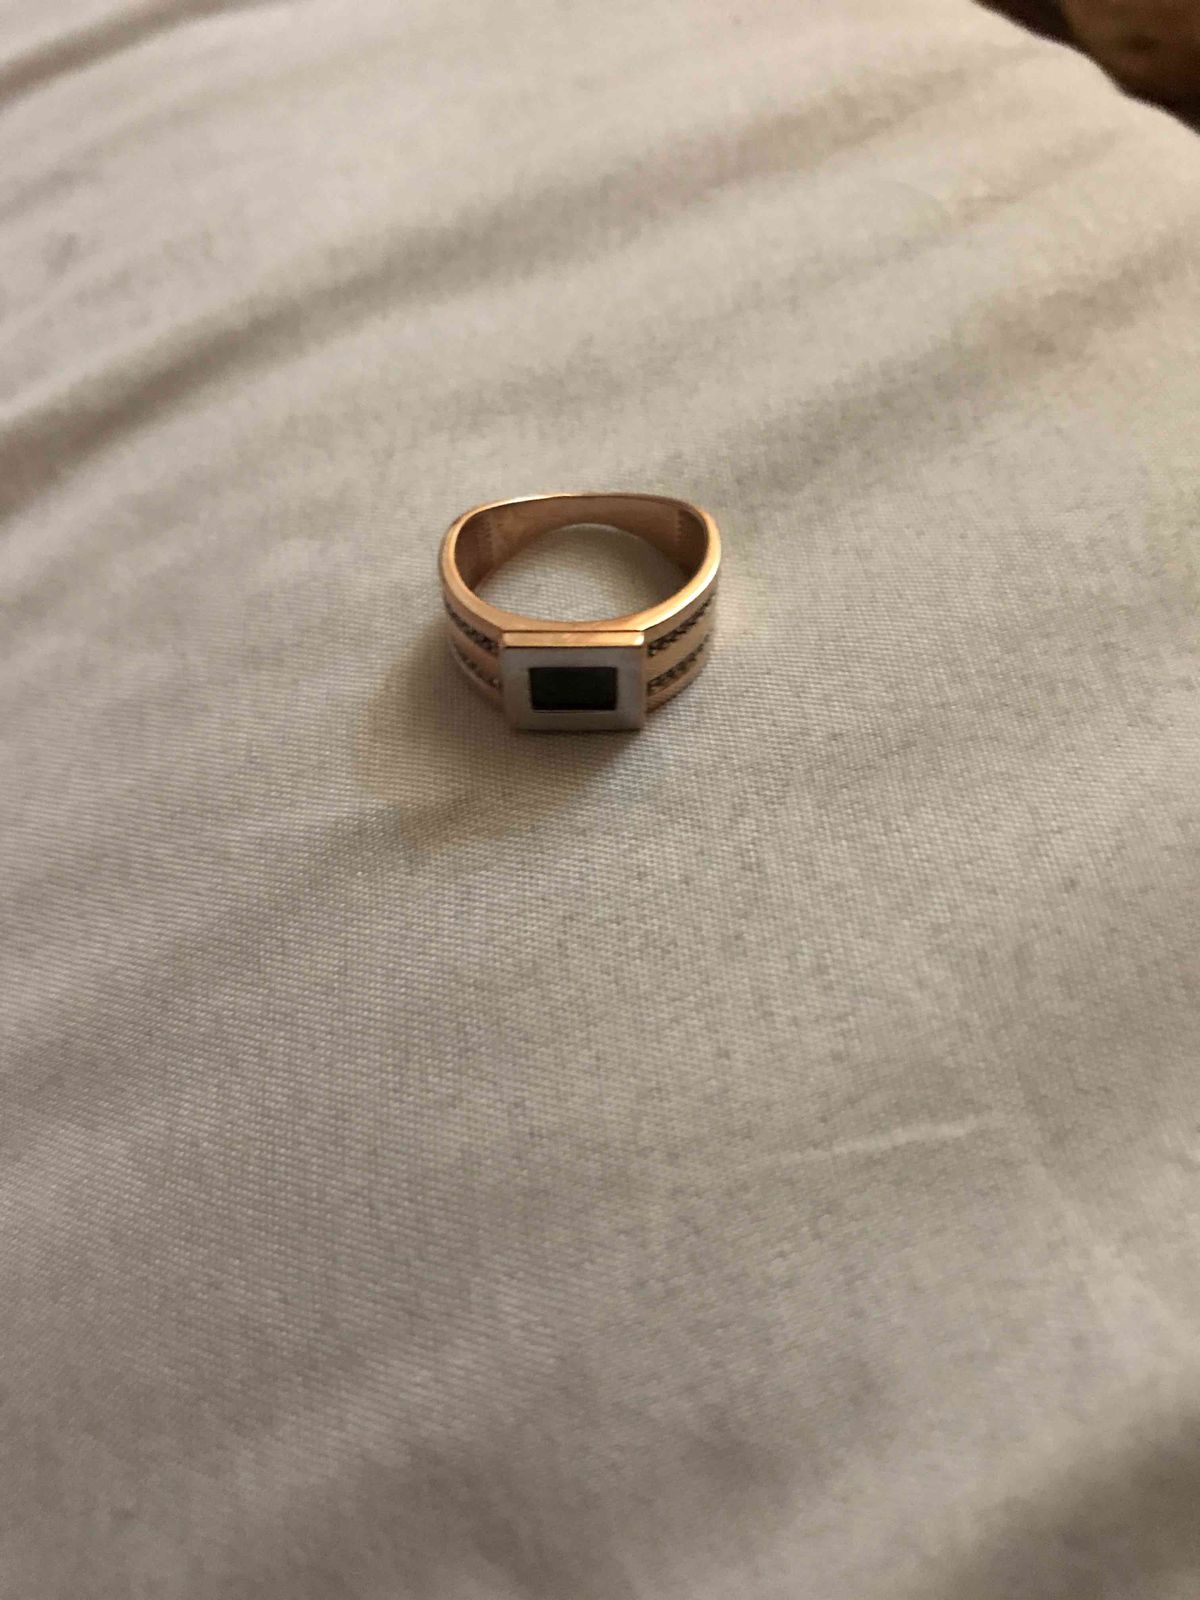 Великолепное кольцо купленное в магазине  Sunlight,приходите не пожалеете